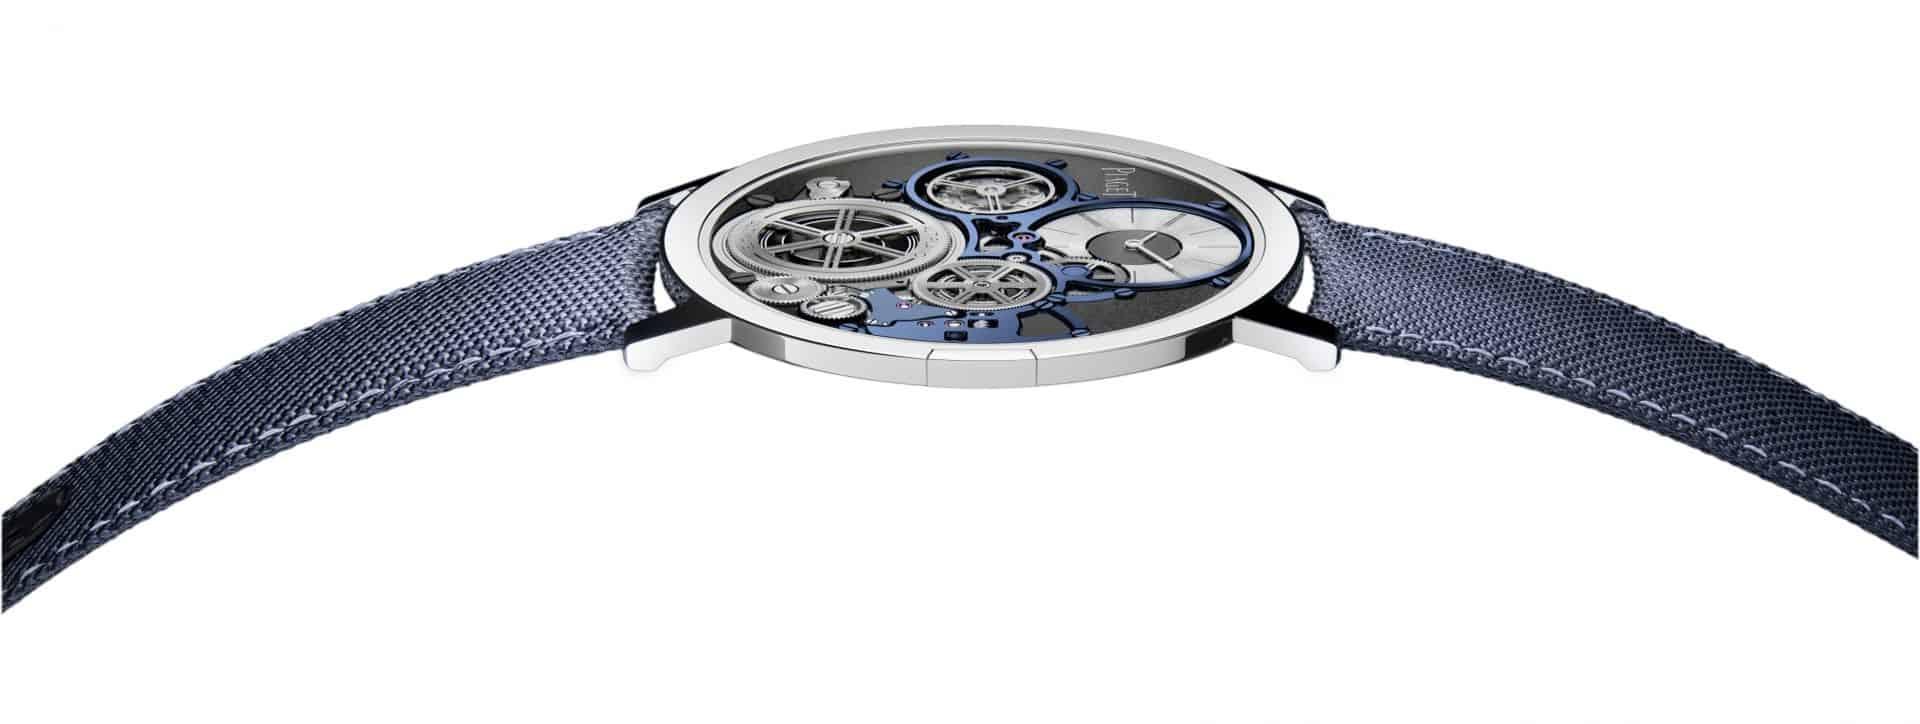 """Die blaue Piaget """"Altiplano Ultimate Concept mit ihrem superflachen Profil"""